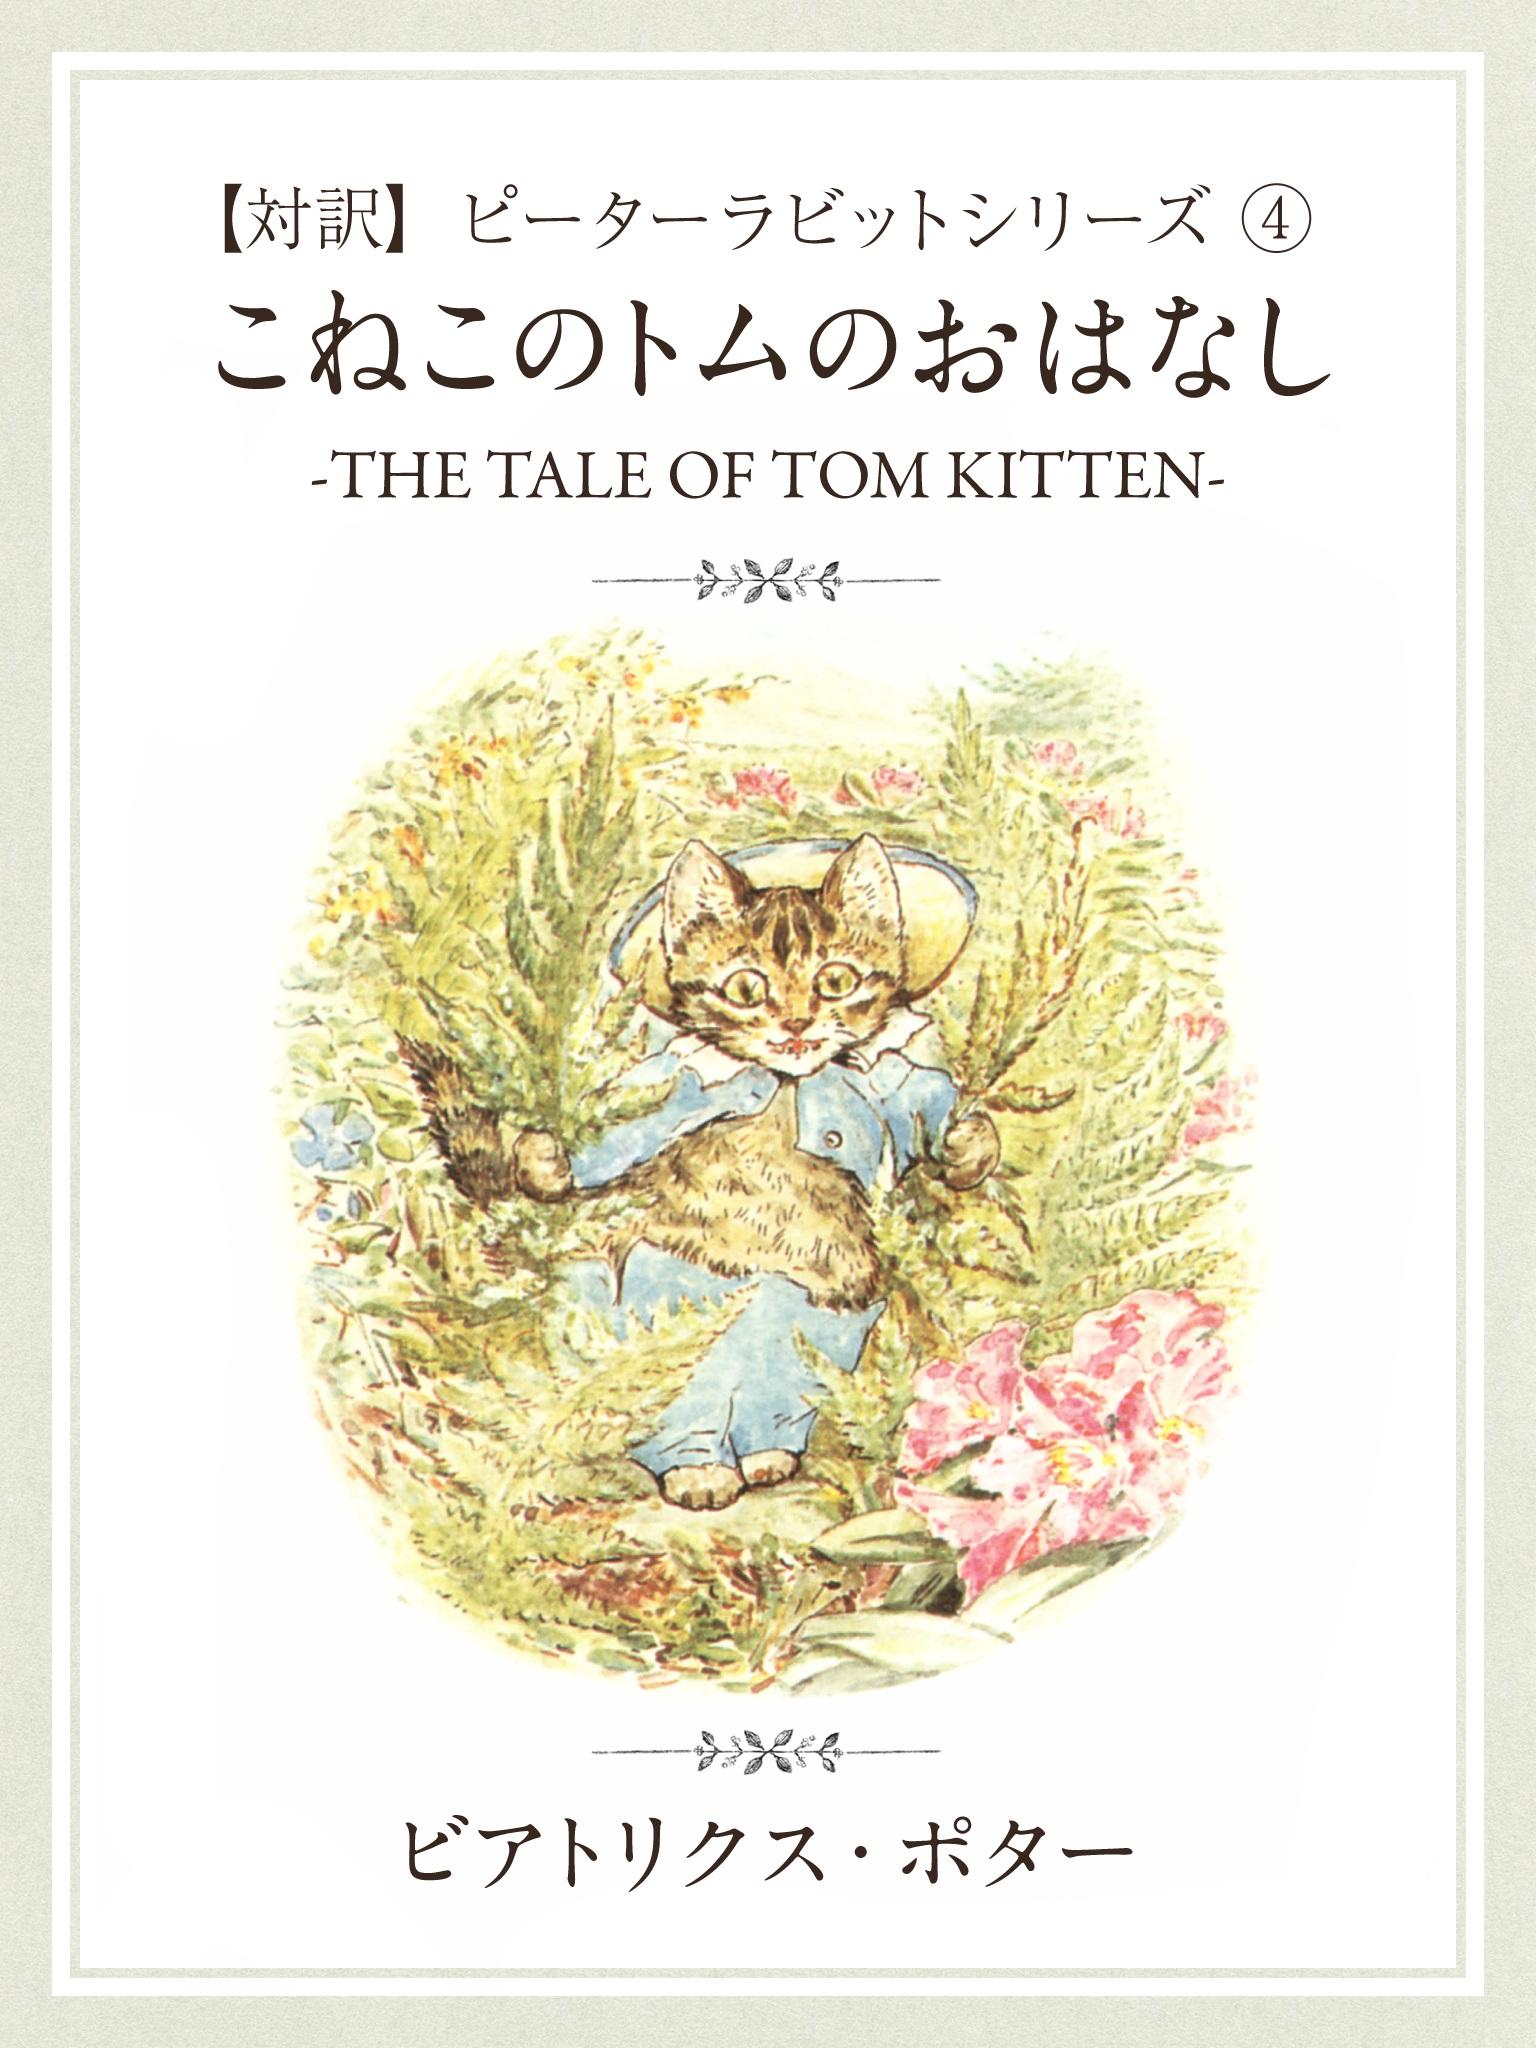 【対訳】ピーターラビット ④ こねこのトムのおはなし -THE TALE OF TOM KITTEN-